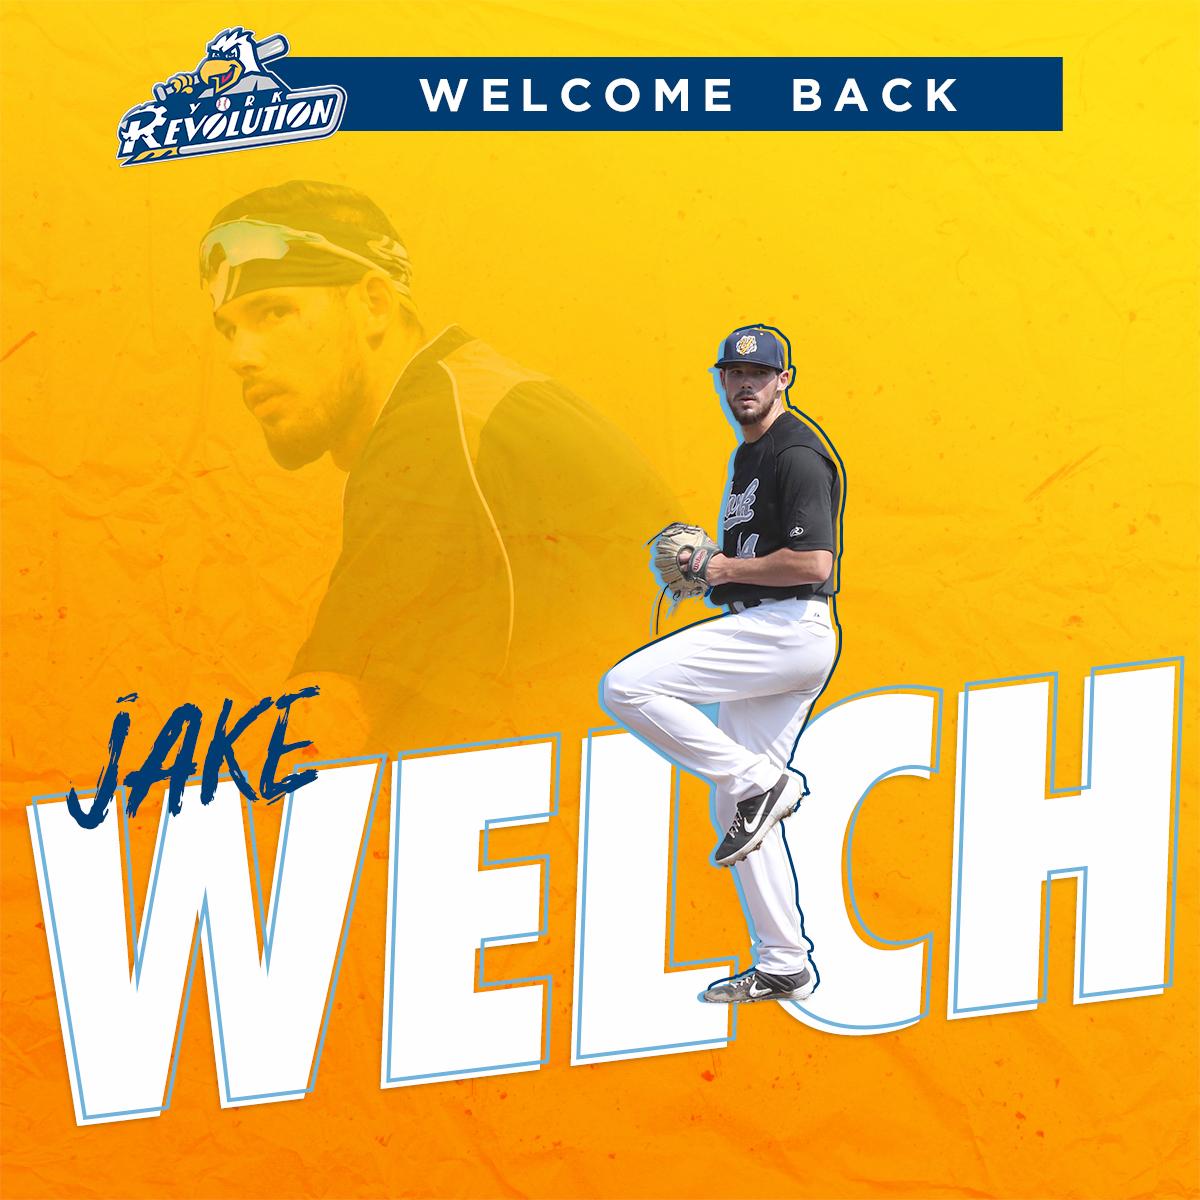 Jake Welch